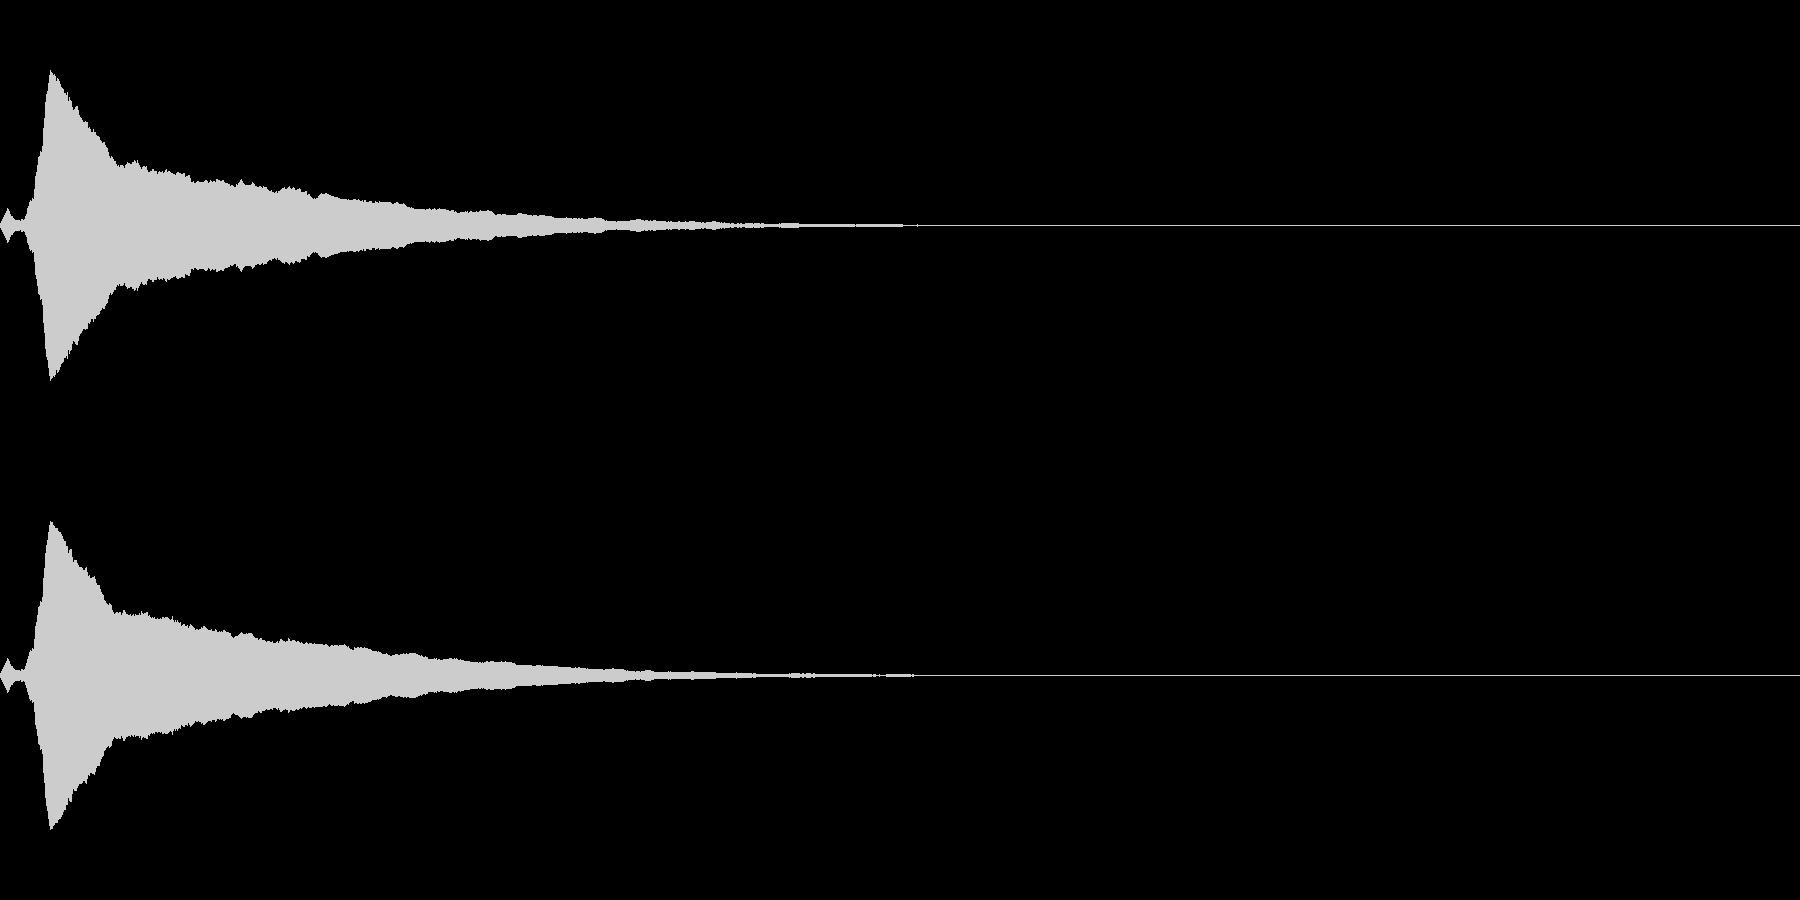 強調音、クリック音など(ピキーン)の未再生の波形